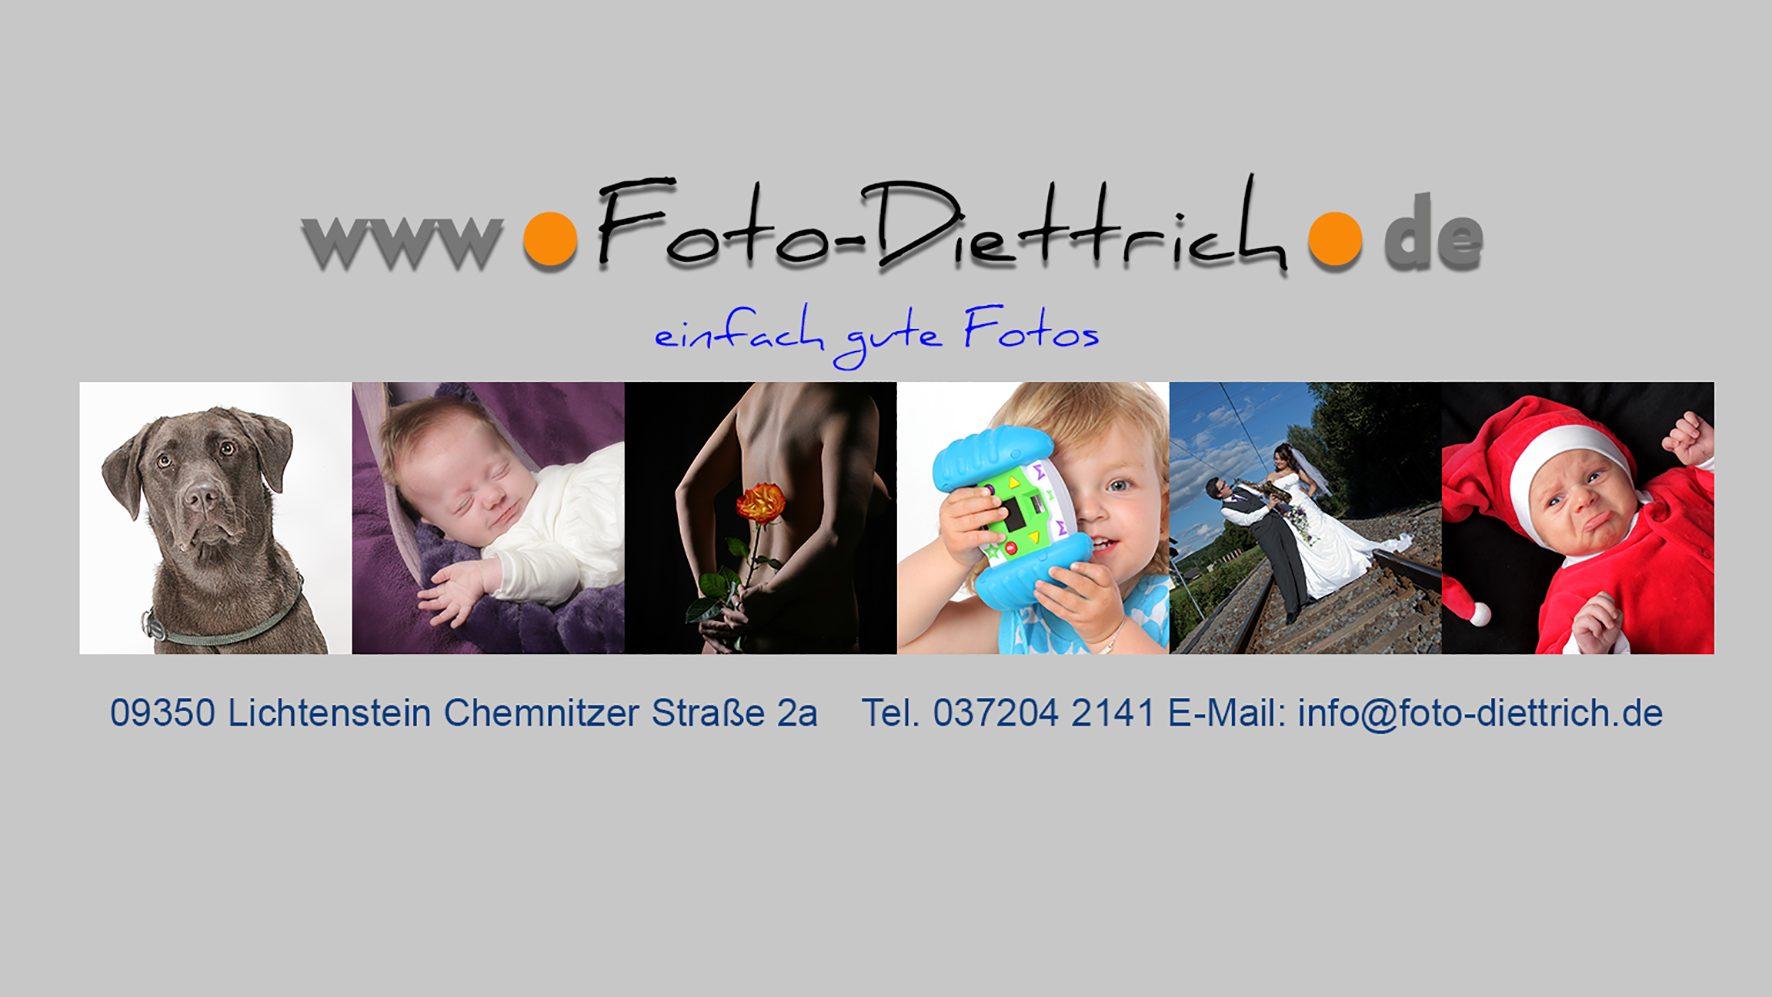 Foto Diettrich